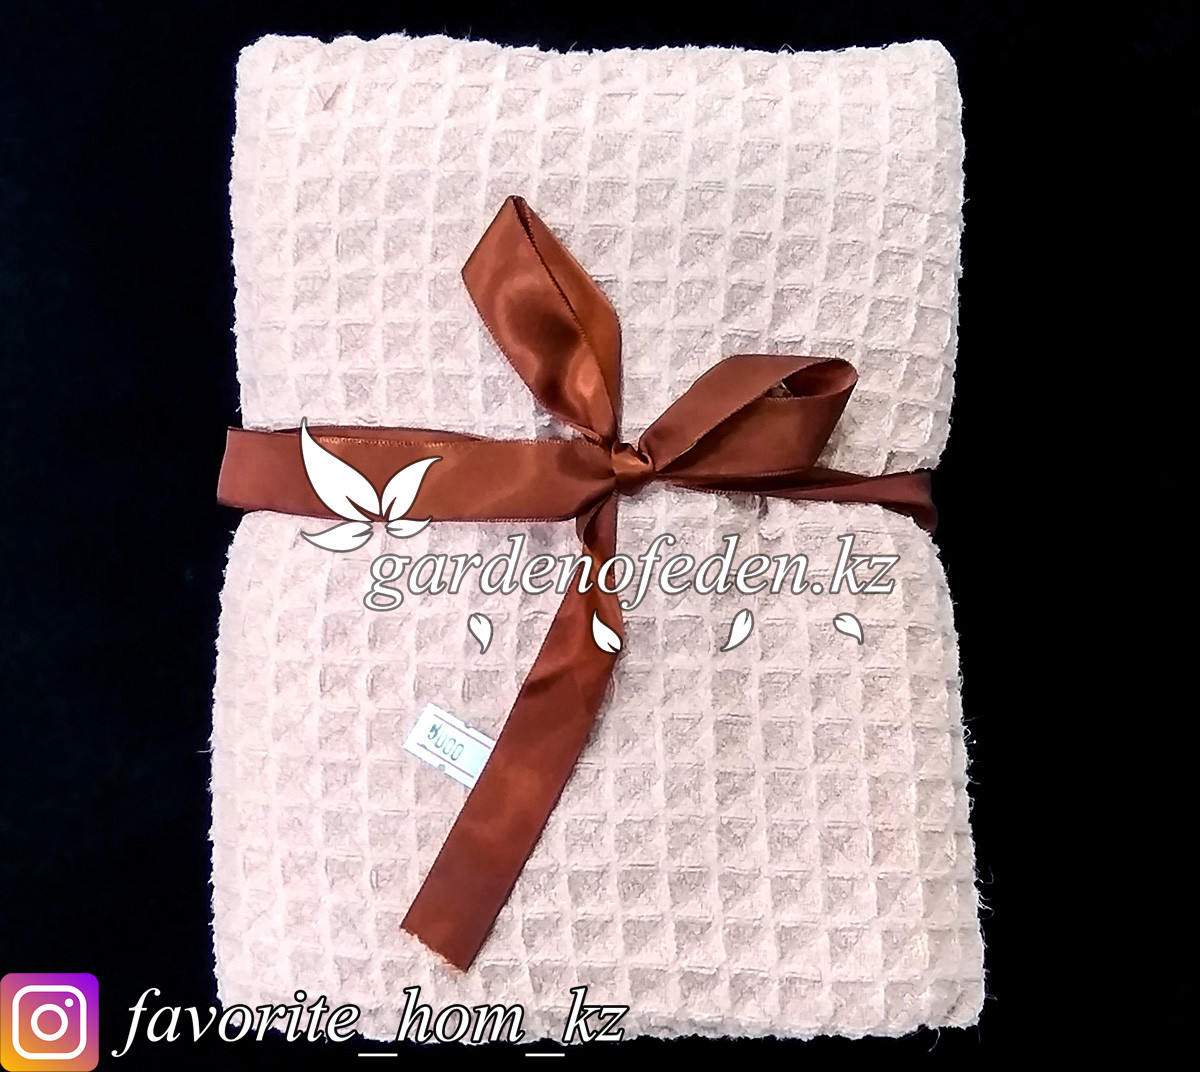 Подарочный комплект полотенец. Материал: Махровая ткань. Цвет: Розовый.